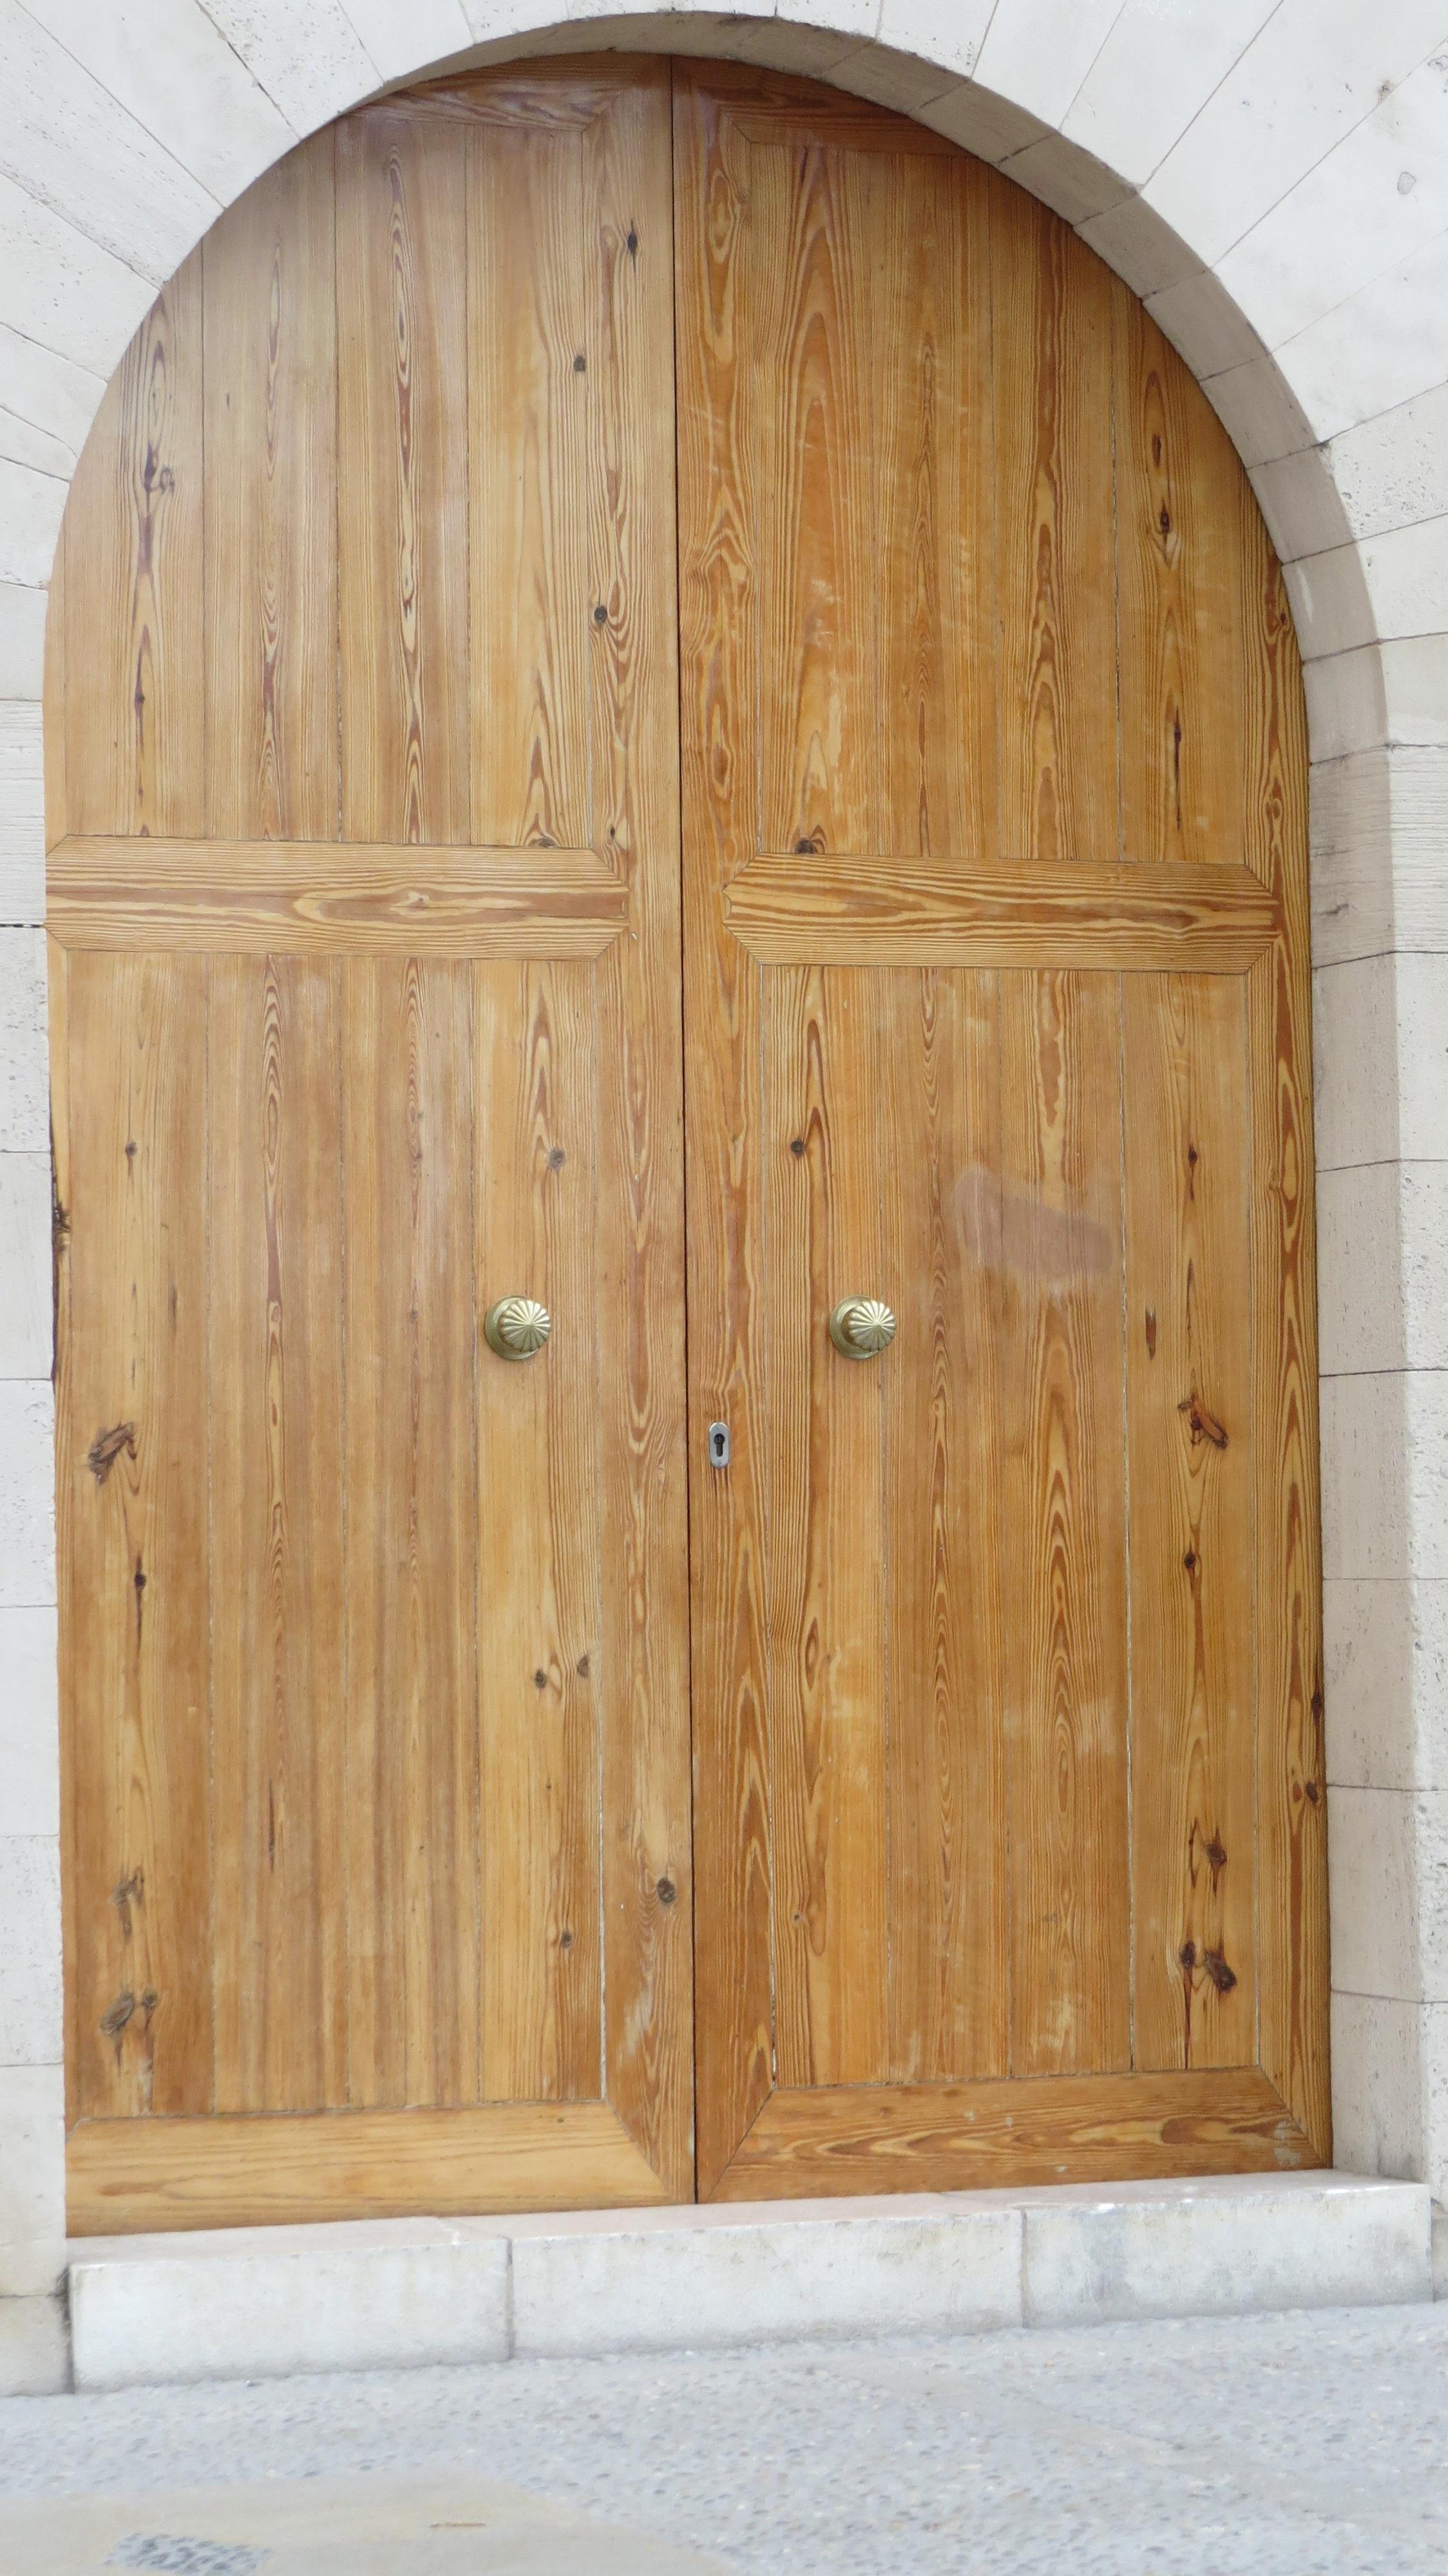 картинки архитектура дерево сарай вход мебель дверной